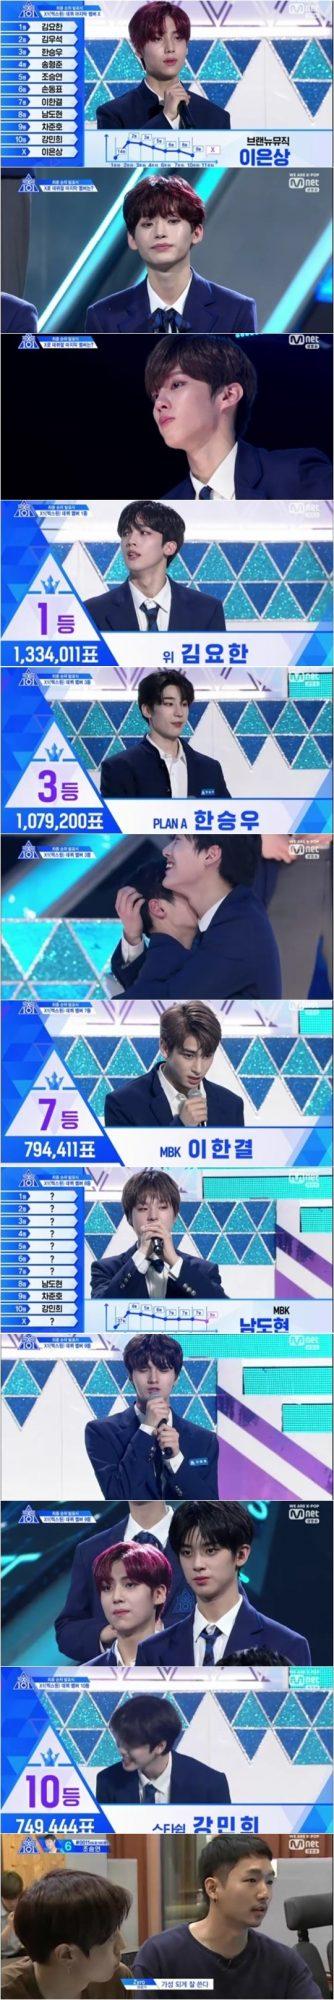 지난 7월 19일 방영된 Mnet '프로듀스X101' 방송화면.